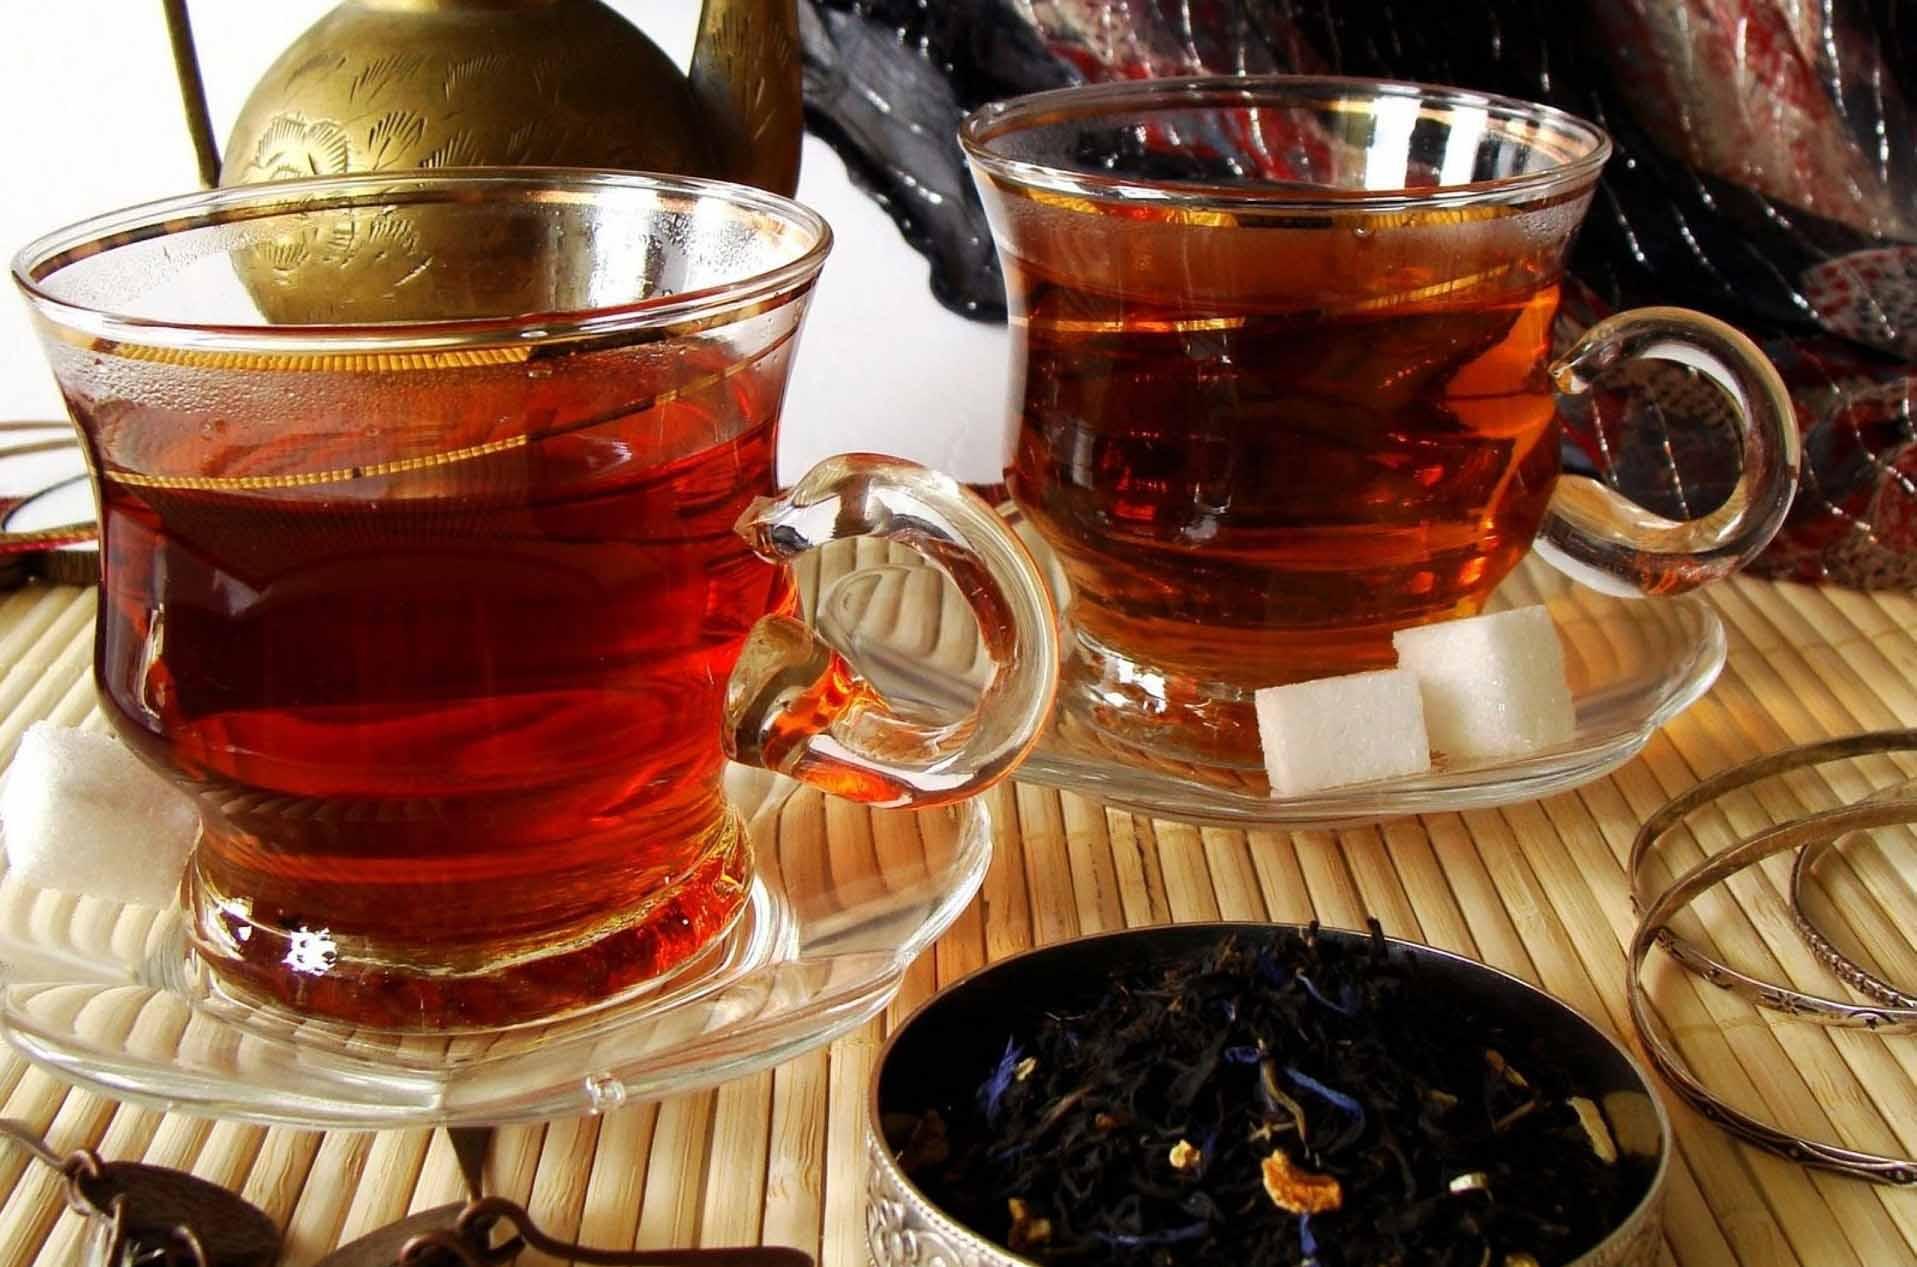 Гастроэнтеролог Арзуманян предупредила граждан РФ, что горячий чай может вызвать рак